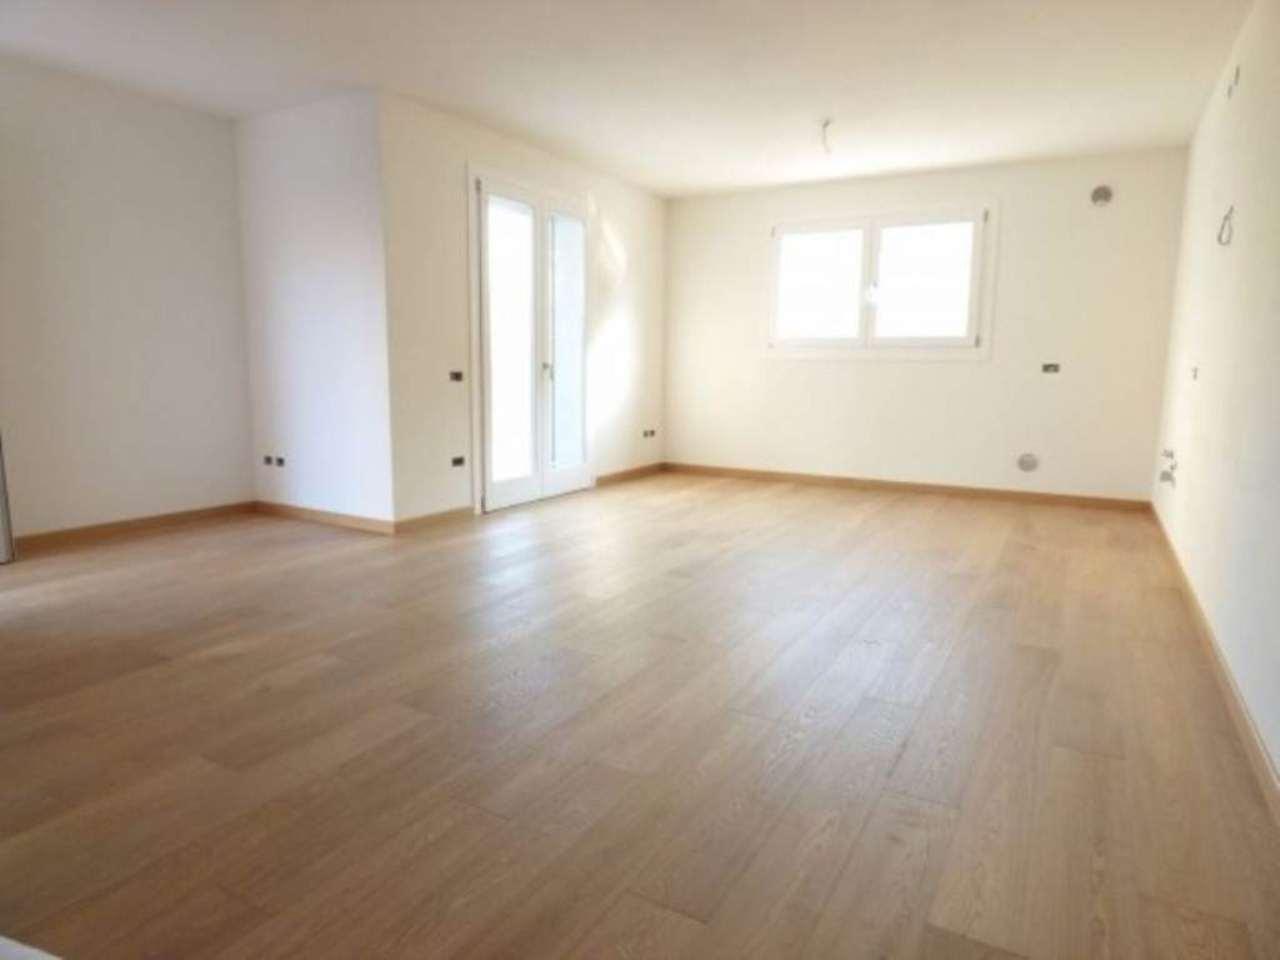 Villa in vendita a Mestrino, 5 locali, prezzo € 285.000 | CambioCasa.it